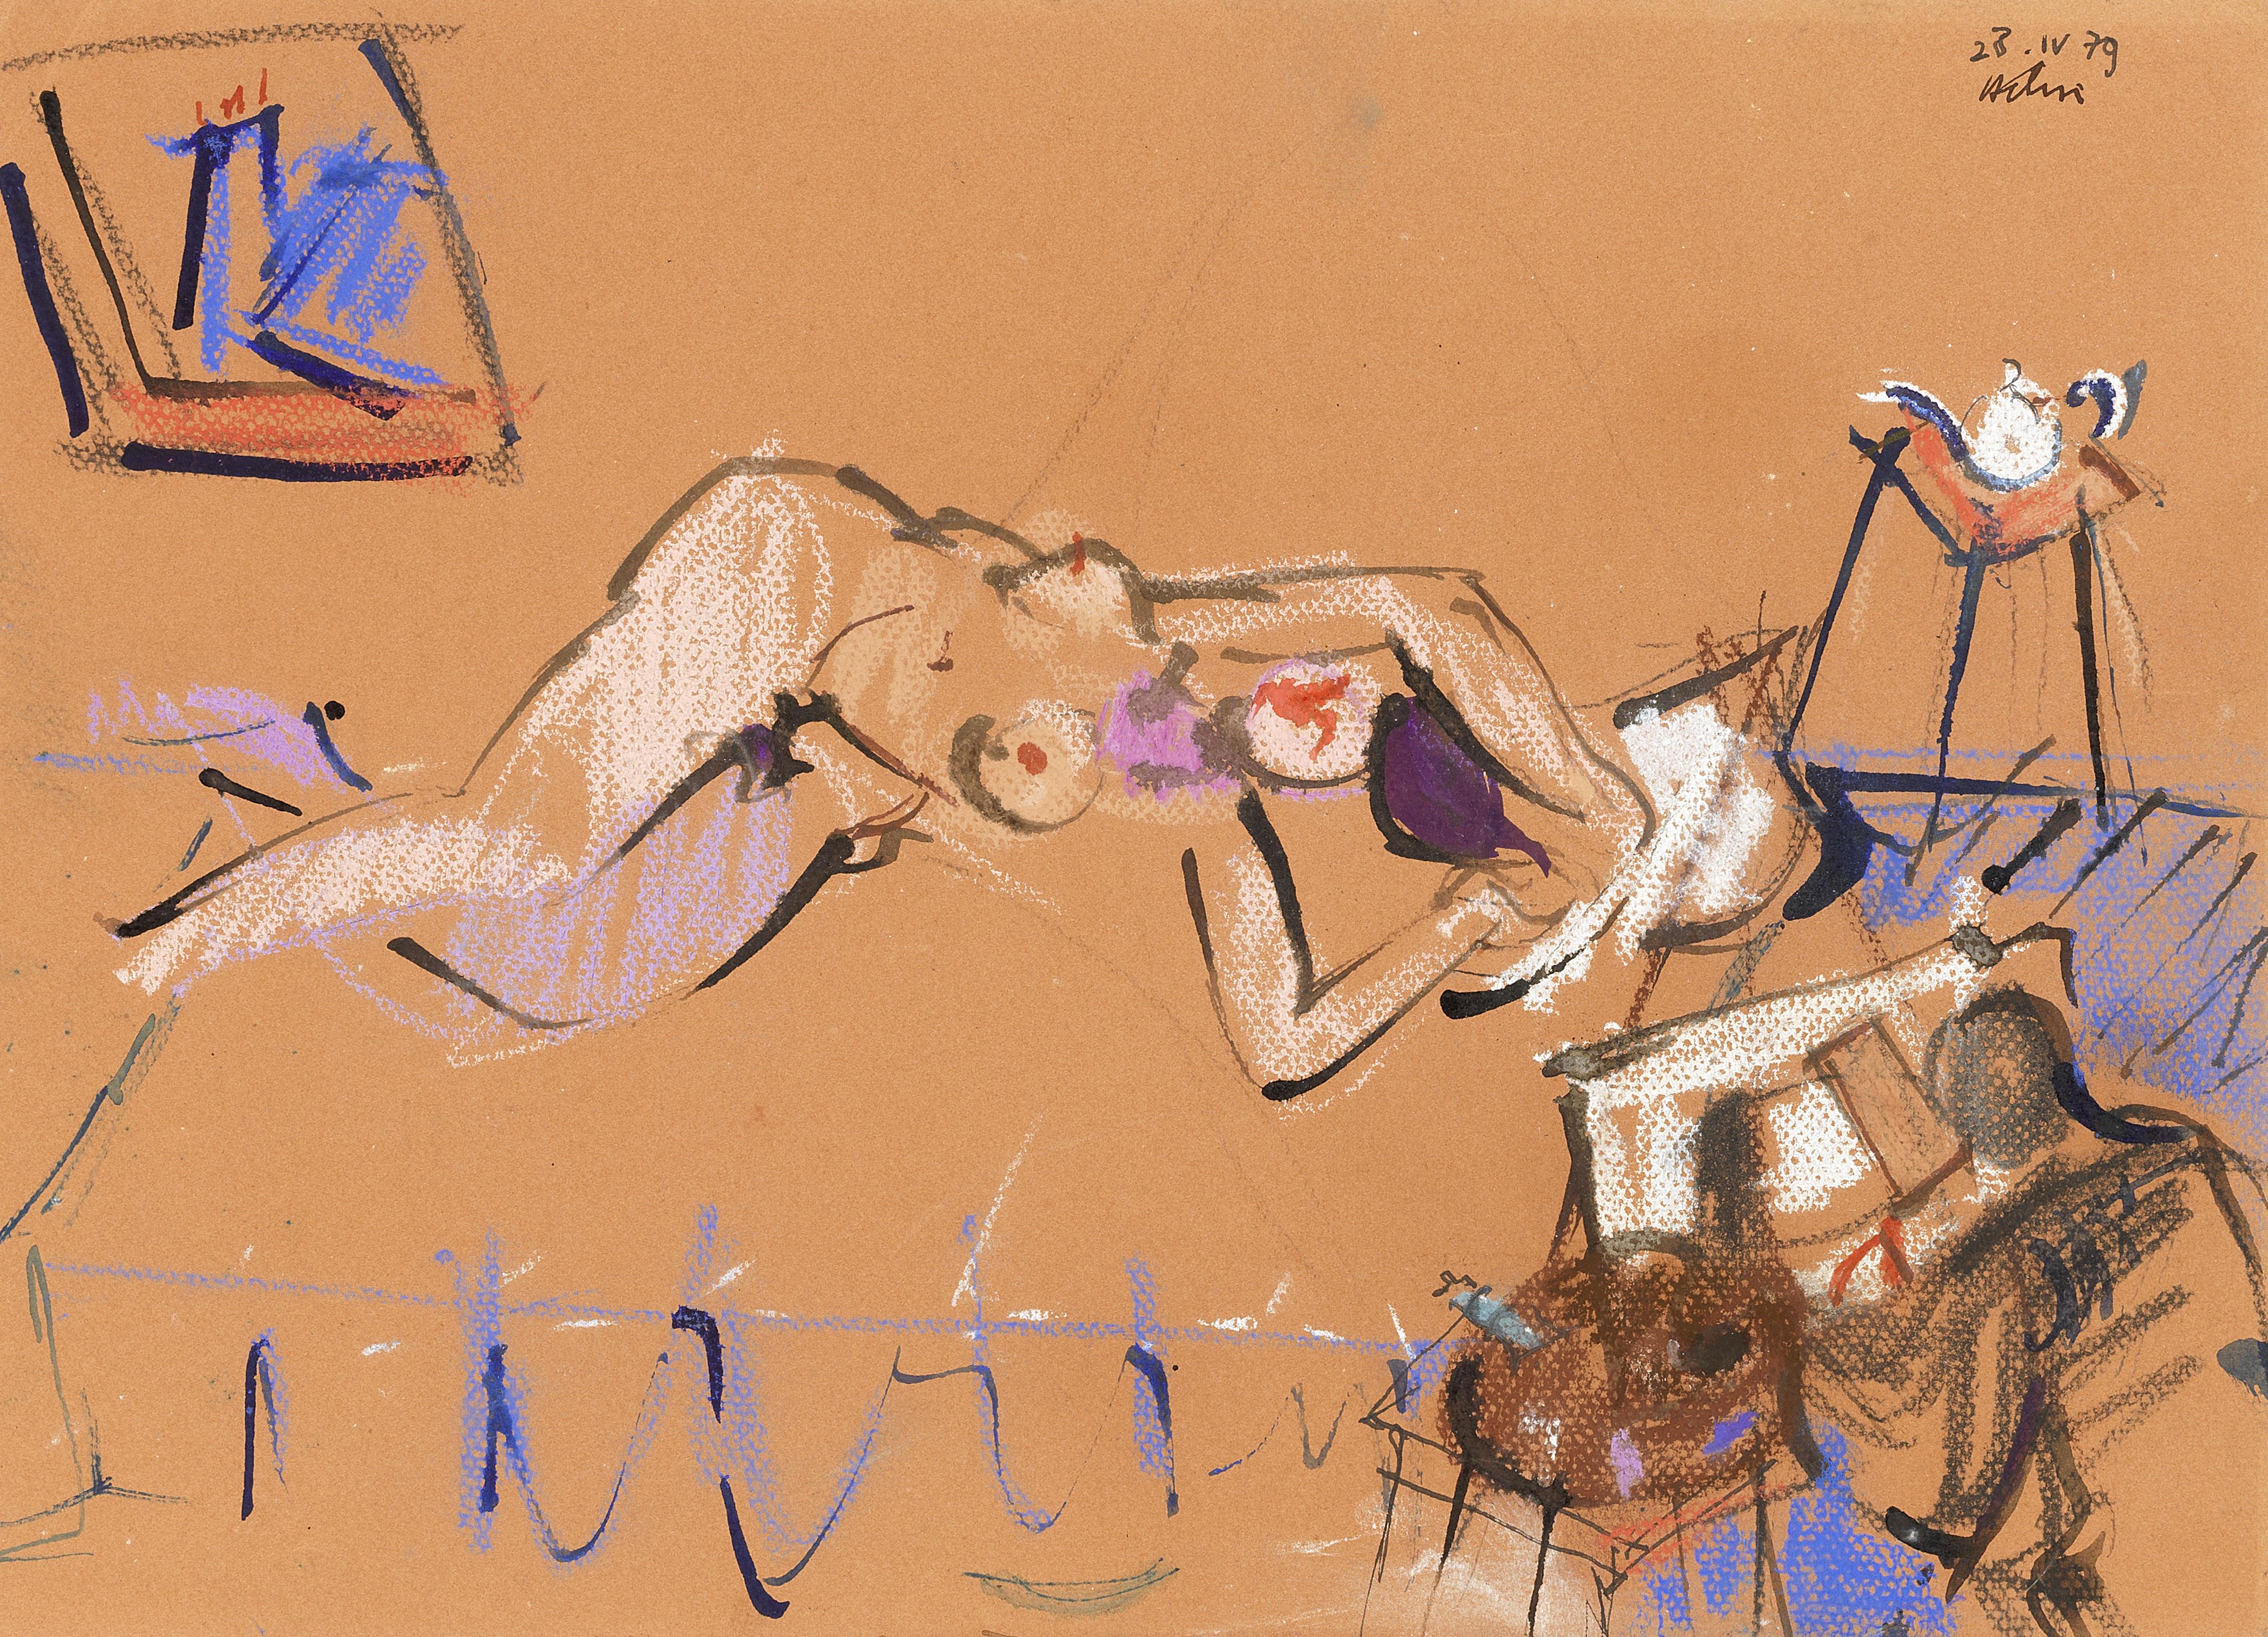 Lot 27 - Jean Hélion (1904-1987) Le songe, 1979